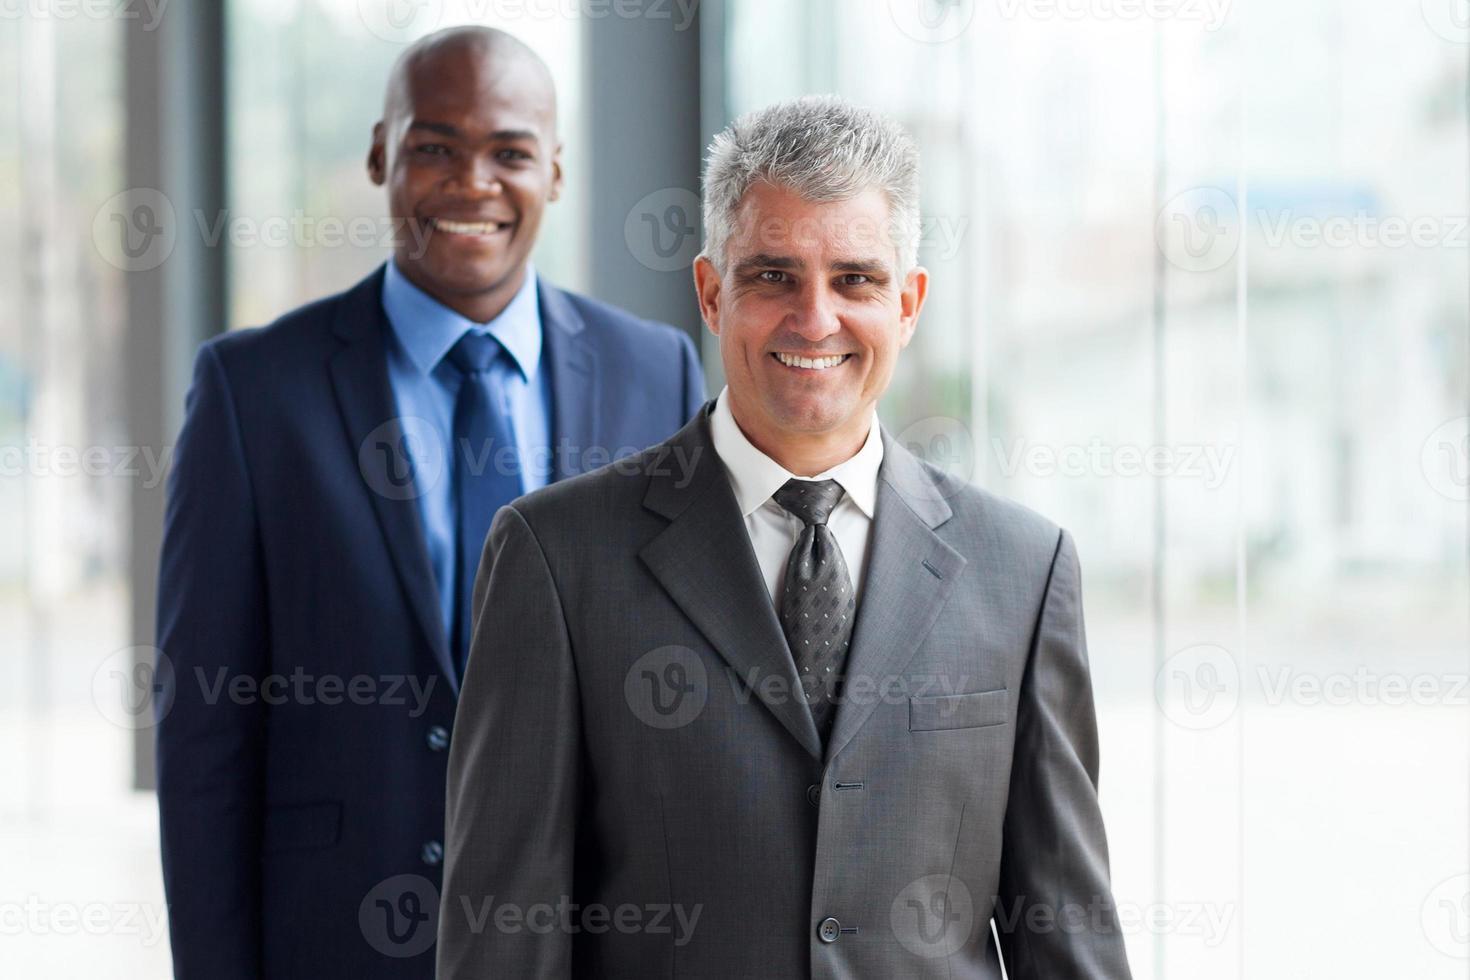 homme d'affaires senior et jeune homme d'affaires africain photo